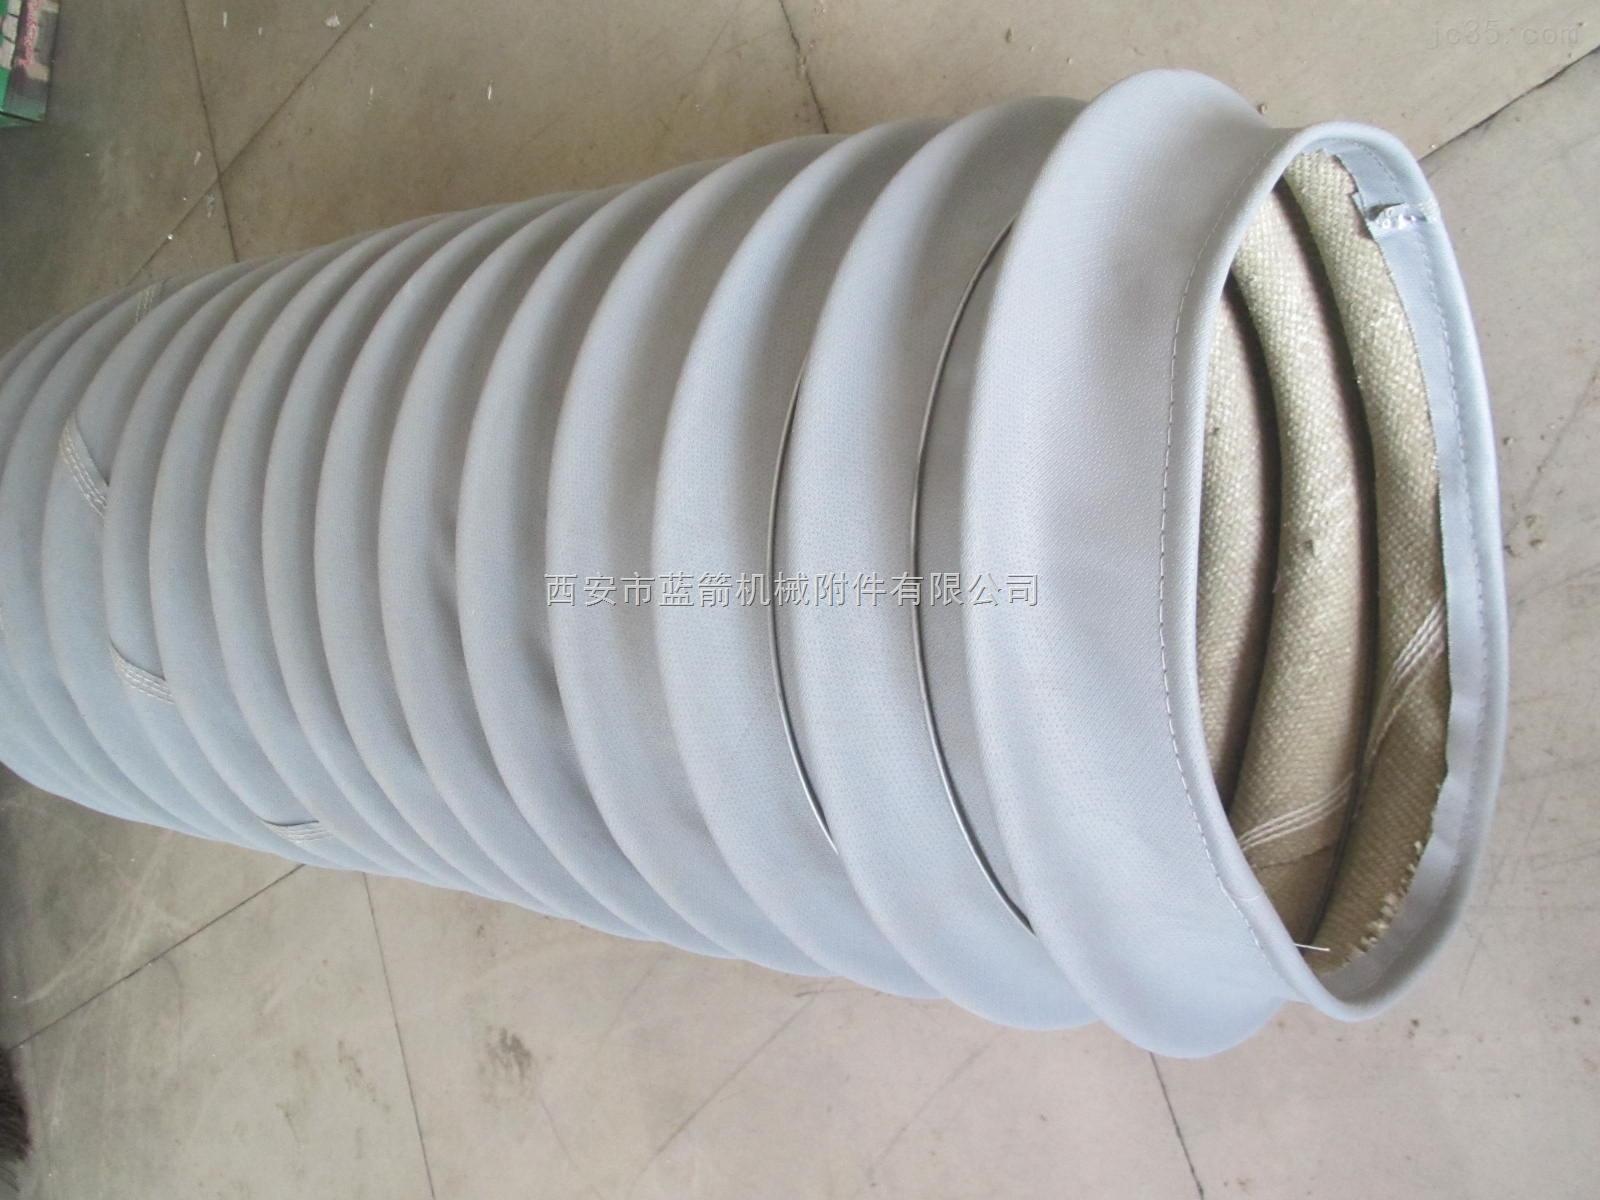 防尘防砂三防布圆筒形丝杠防护罩